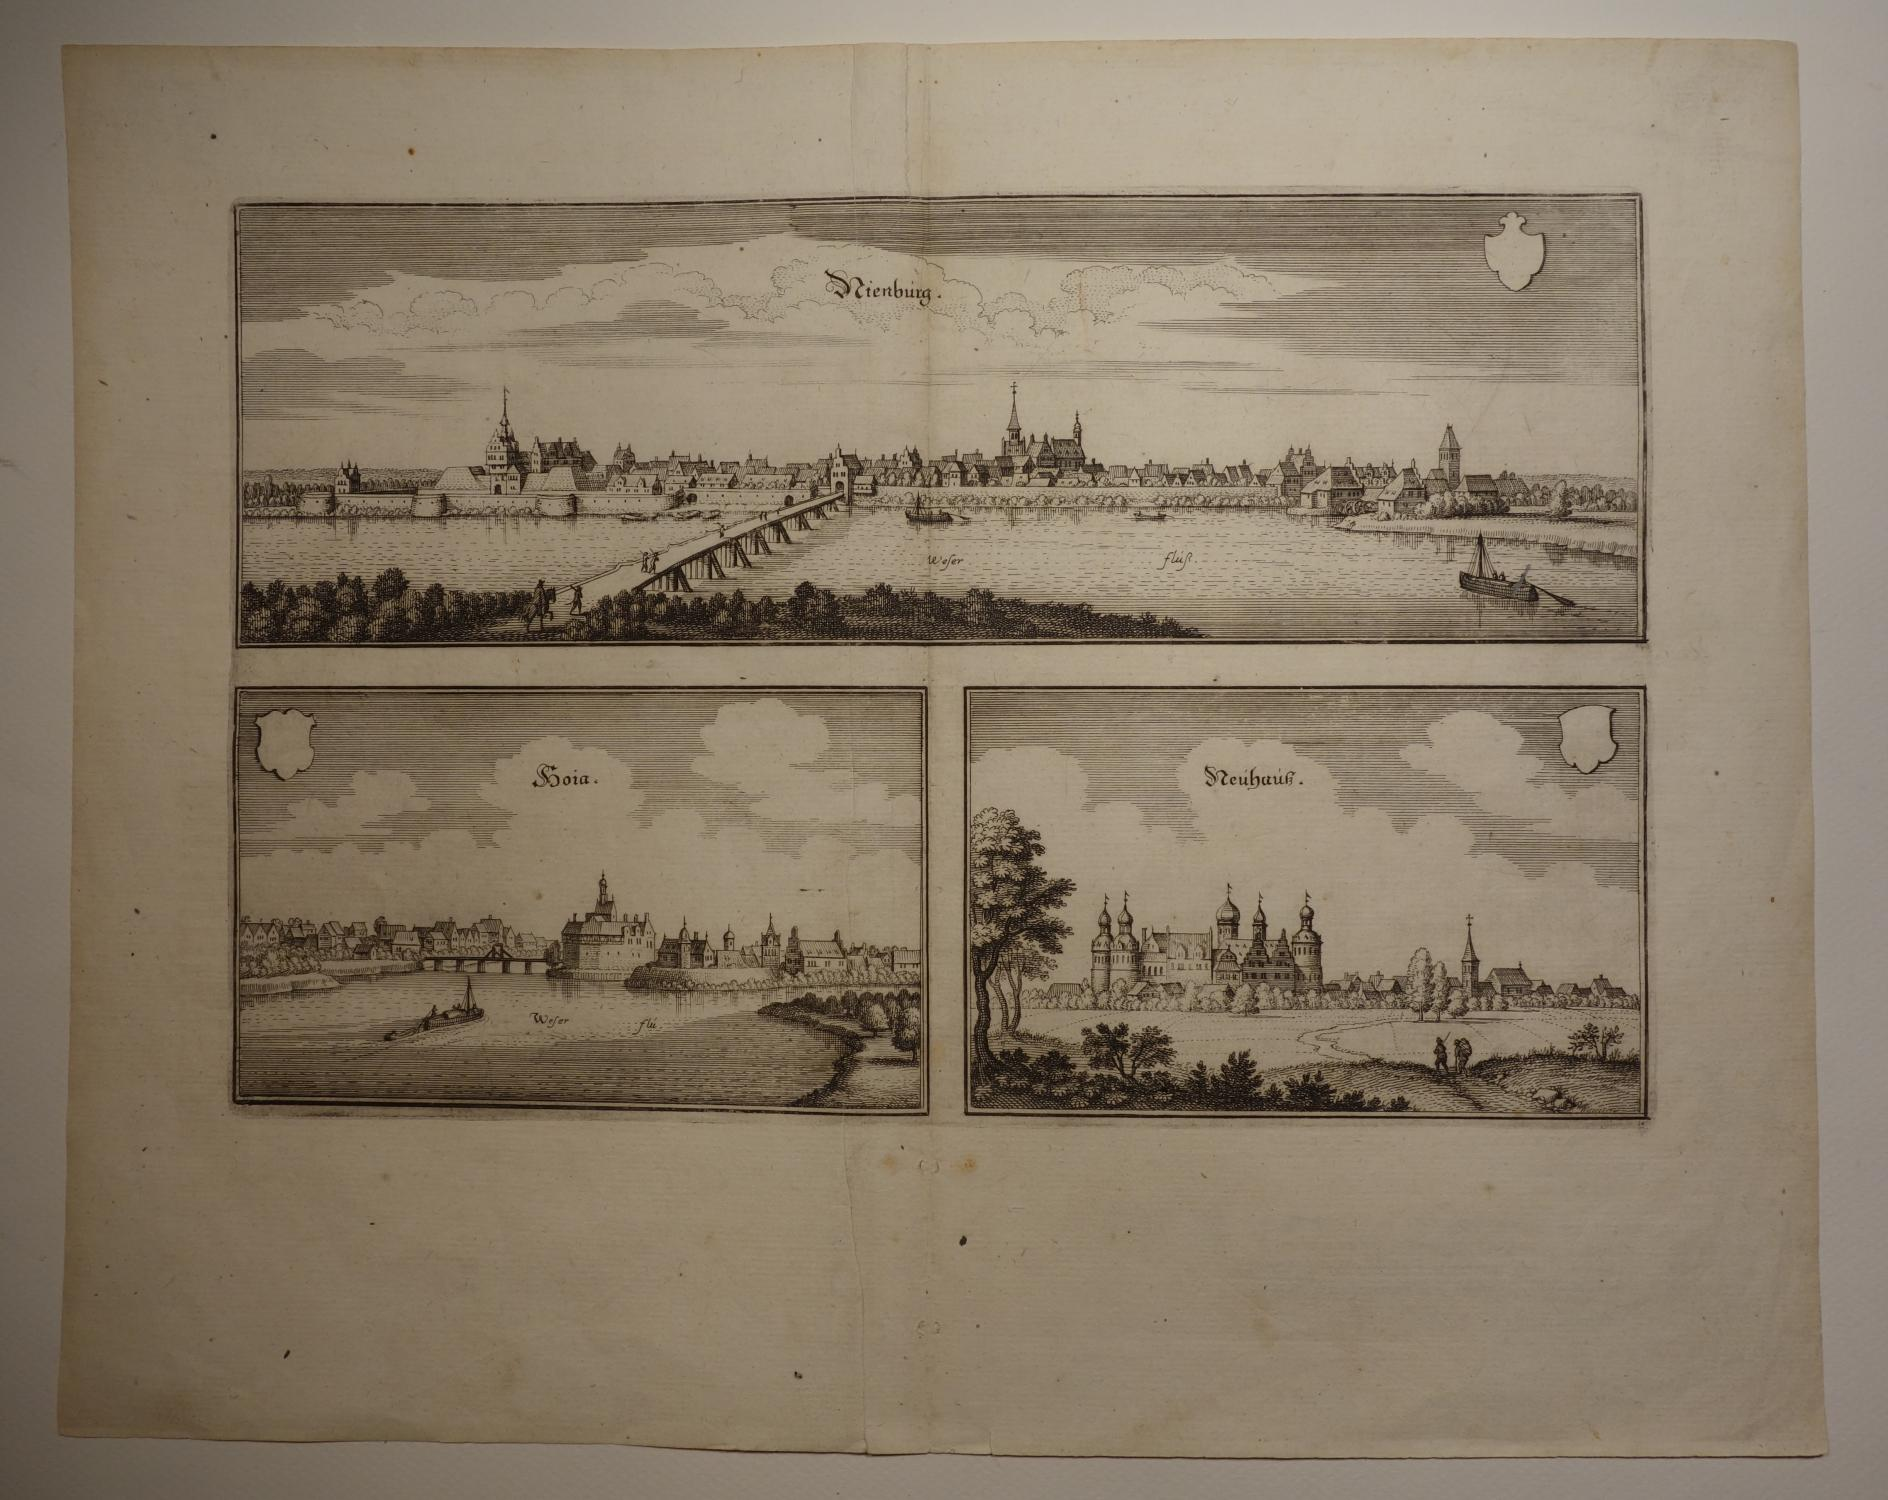 Ansicht von Nienburg, Hoia und Neuhauß. (Wüthrich: Matthaeus Merian: